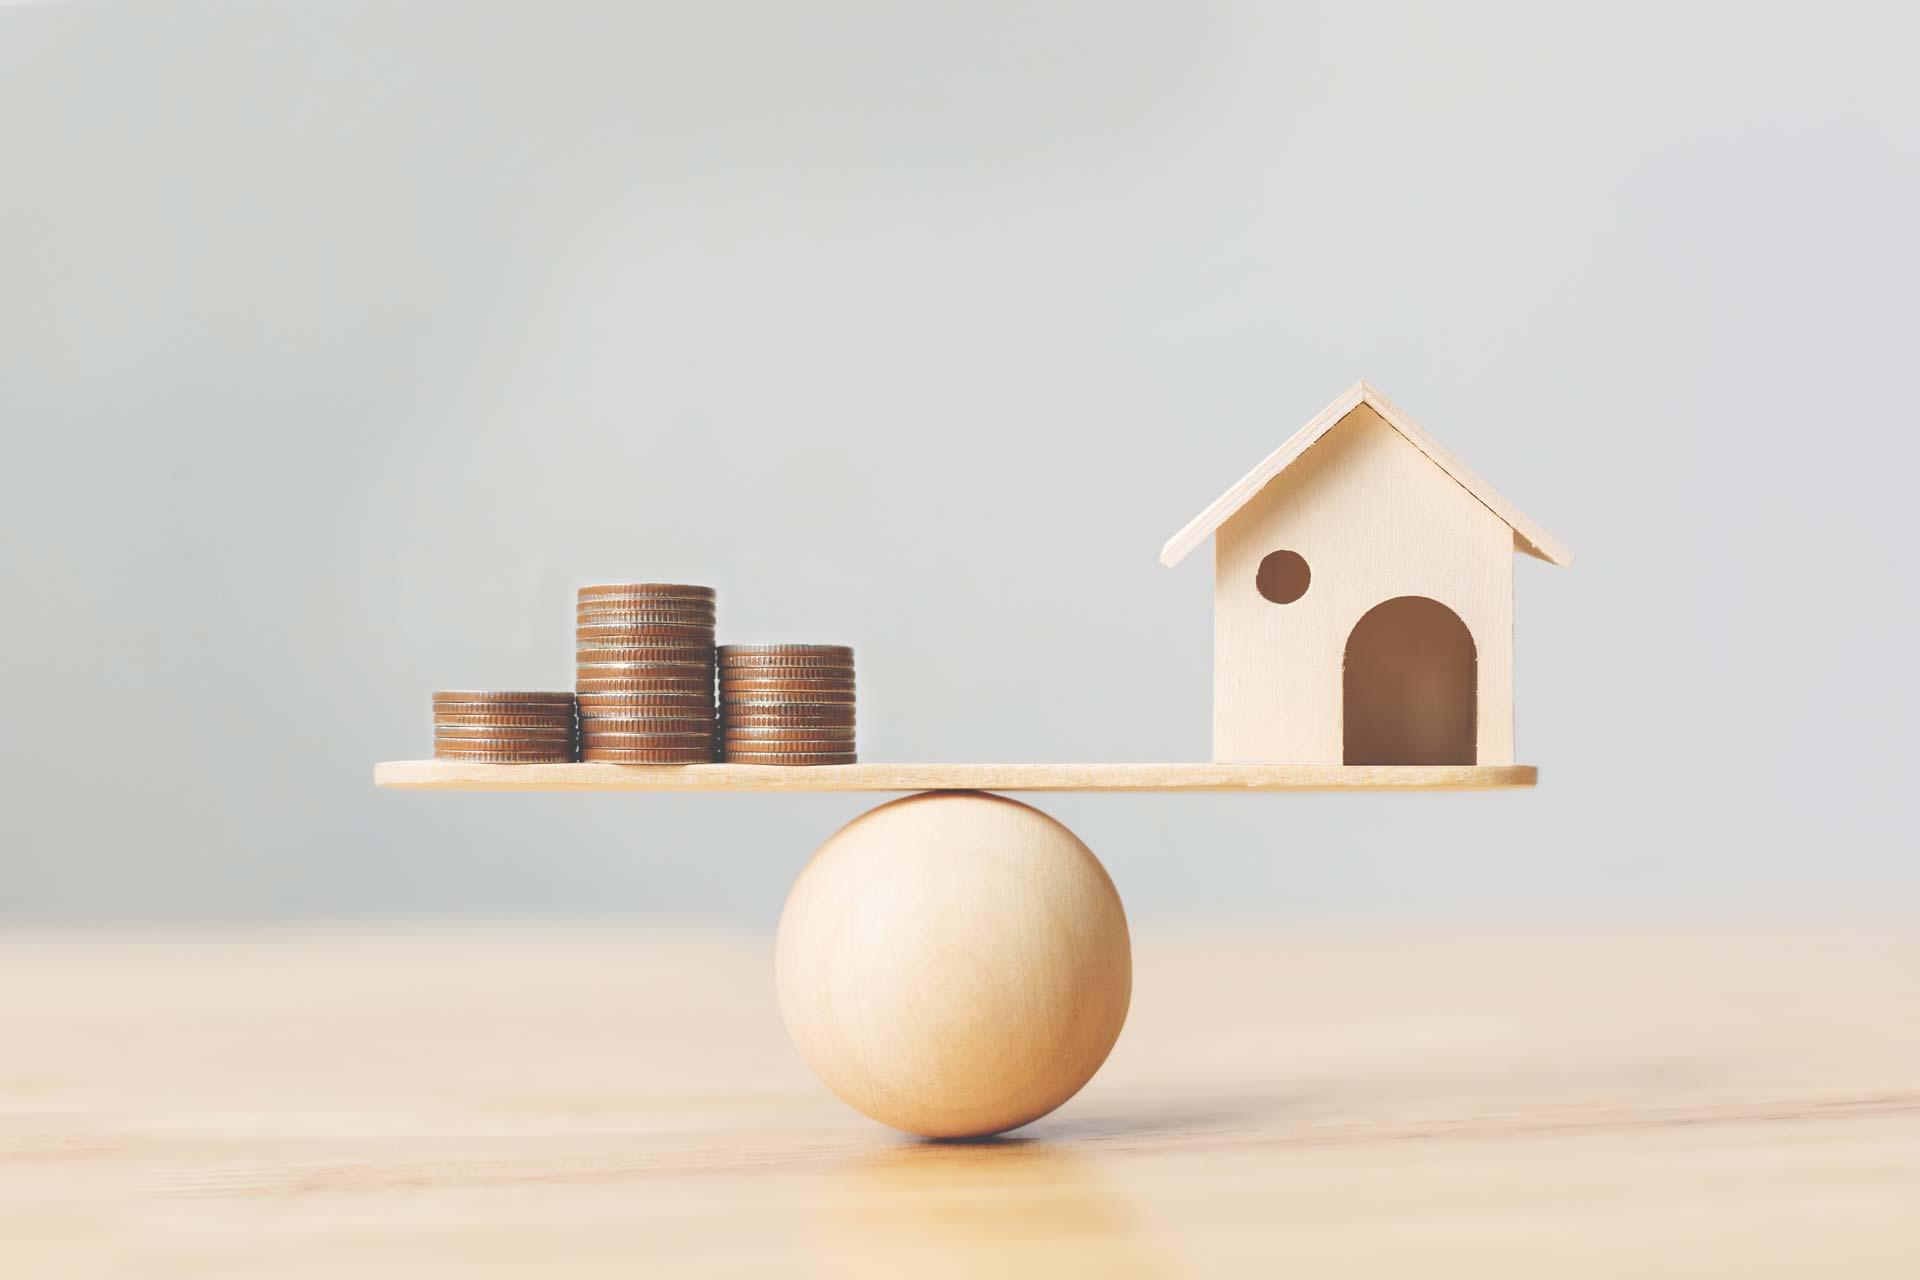 Miten kirjanpidon tehostaminen auttaa taloyhtiötä?